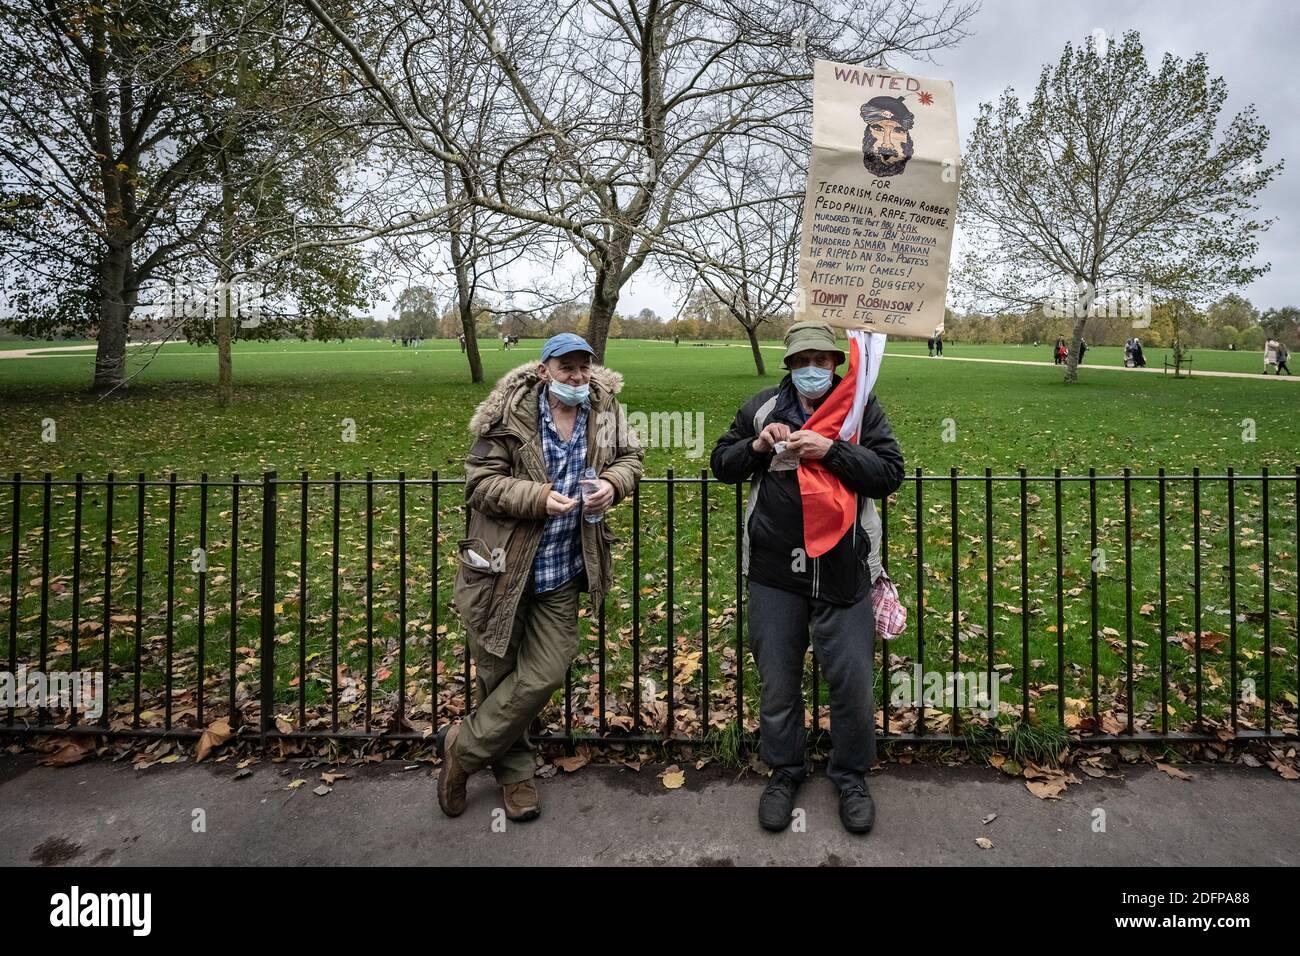 Les partisans de Tommy Robinson rassemblent le Speakers' Corner à Hyde Park sous la supervision de la police. Londres, Royaume-Uni. Banque D'Images